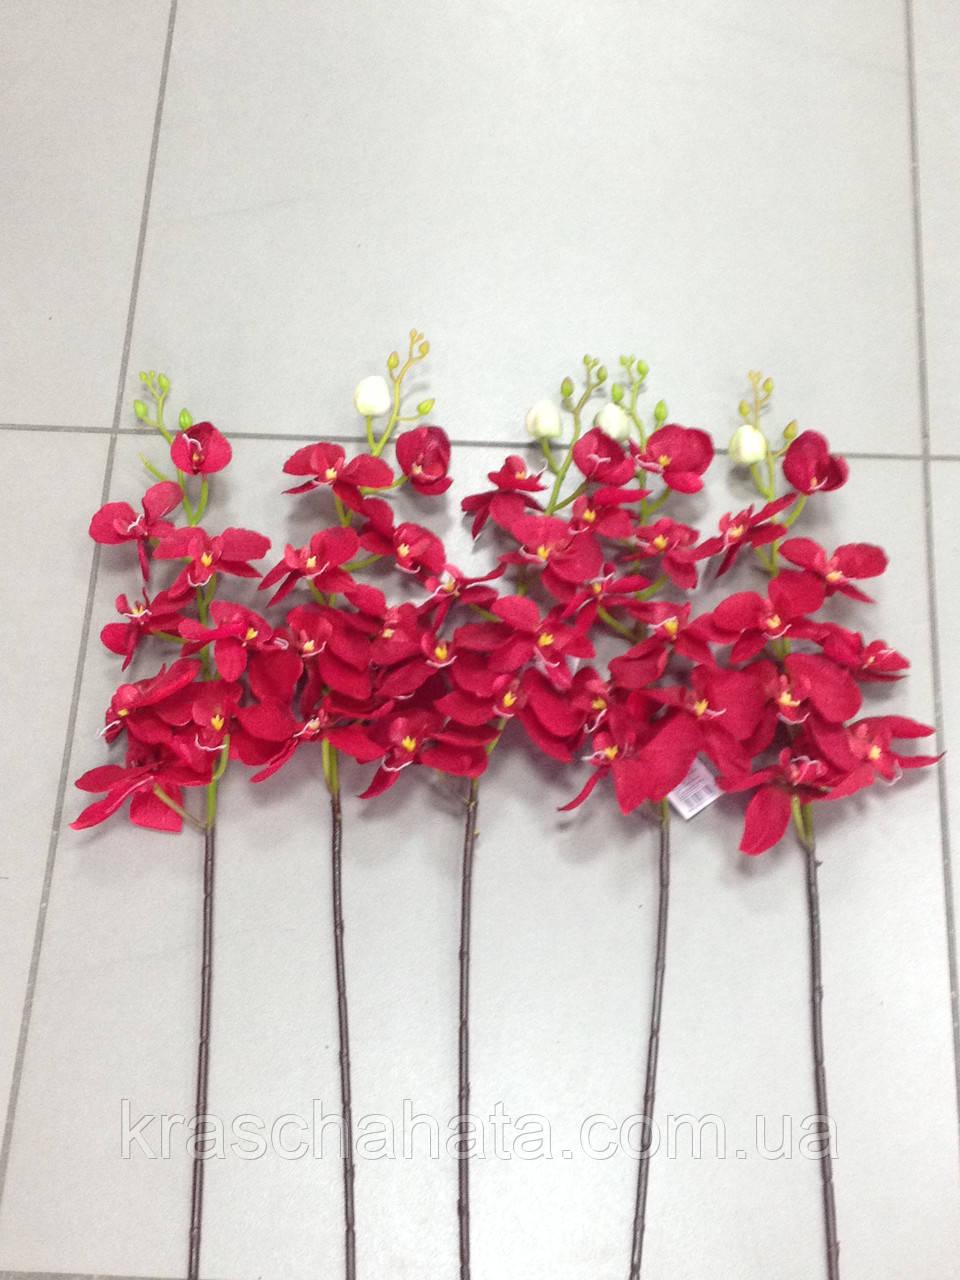 Орхидея, Искусственный цветок, Н98 см, Искусственные цветы, Днепропетровск